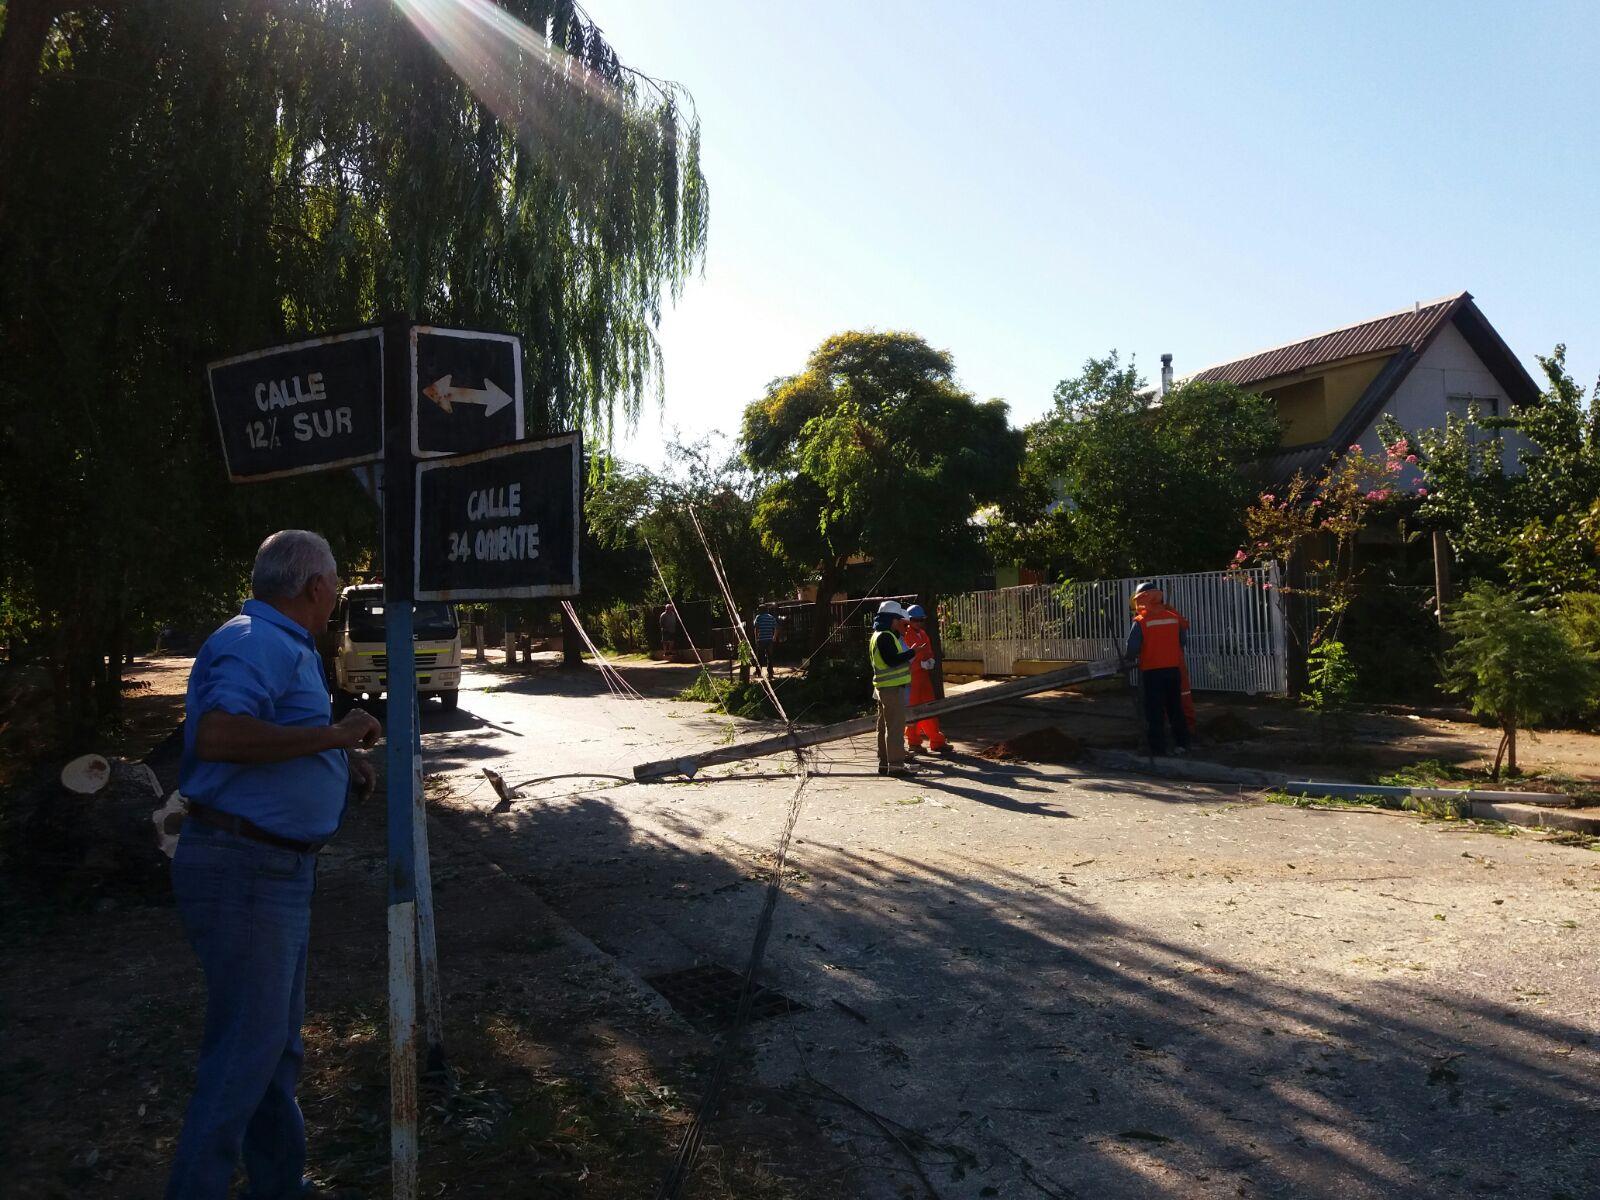 Árbol de grandes dimensiones cae sobre tendido eléctrico, destruye dos postes de cemento y deja sin luz a un sector de la población San Antonio en Talca